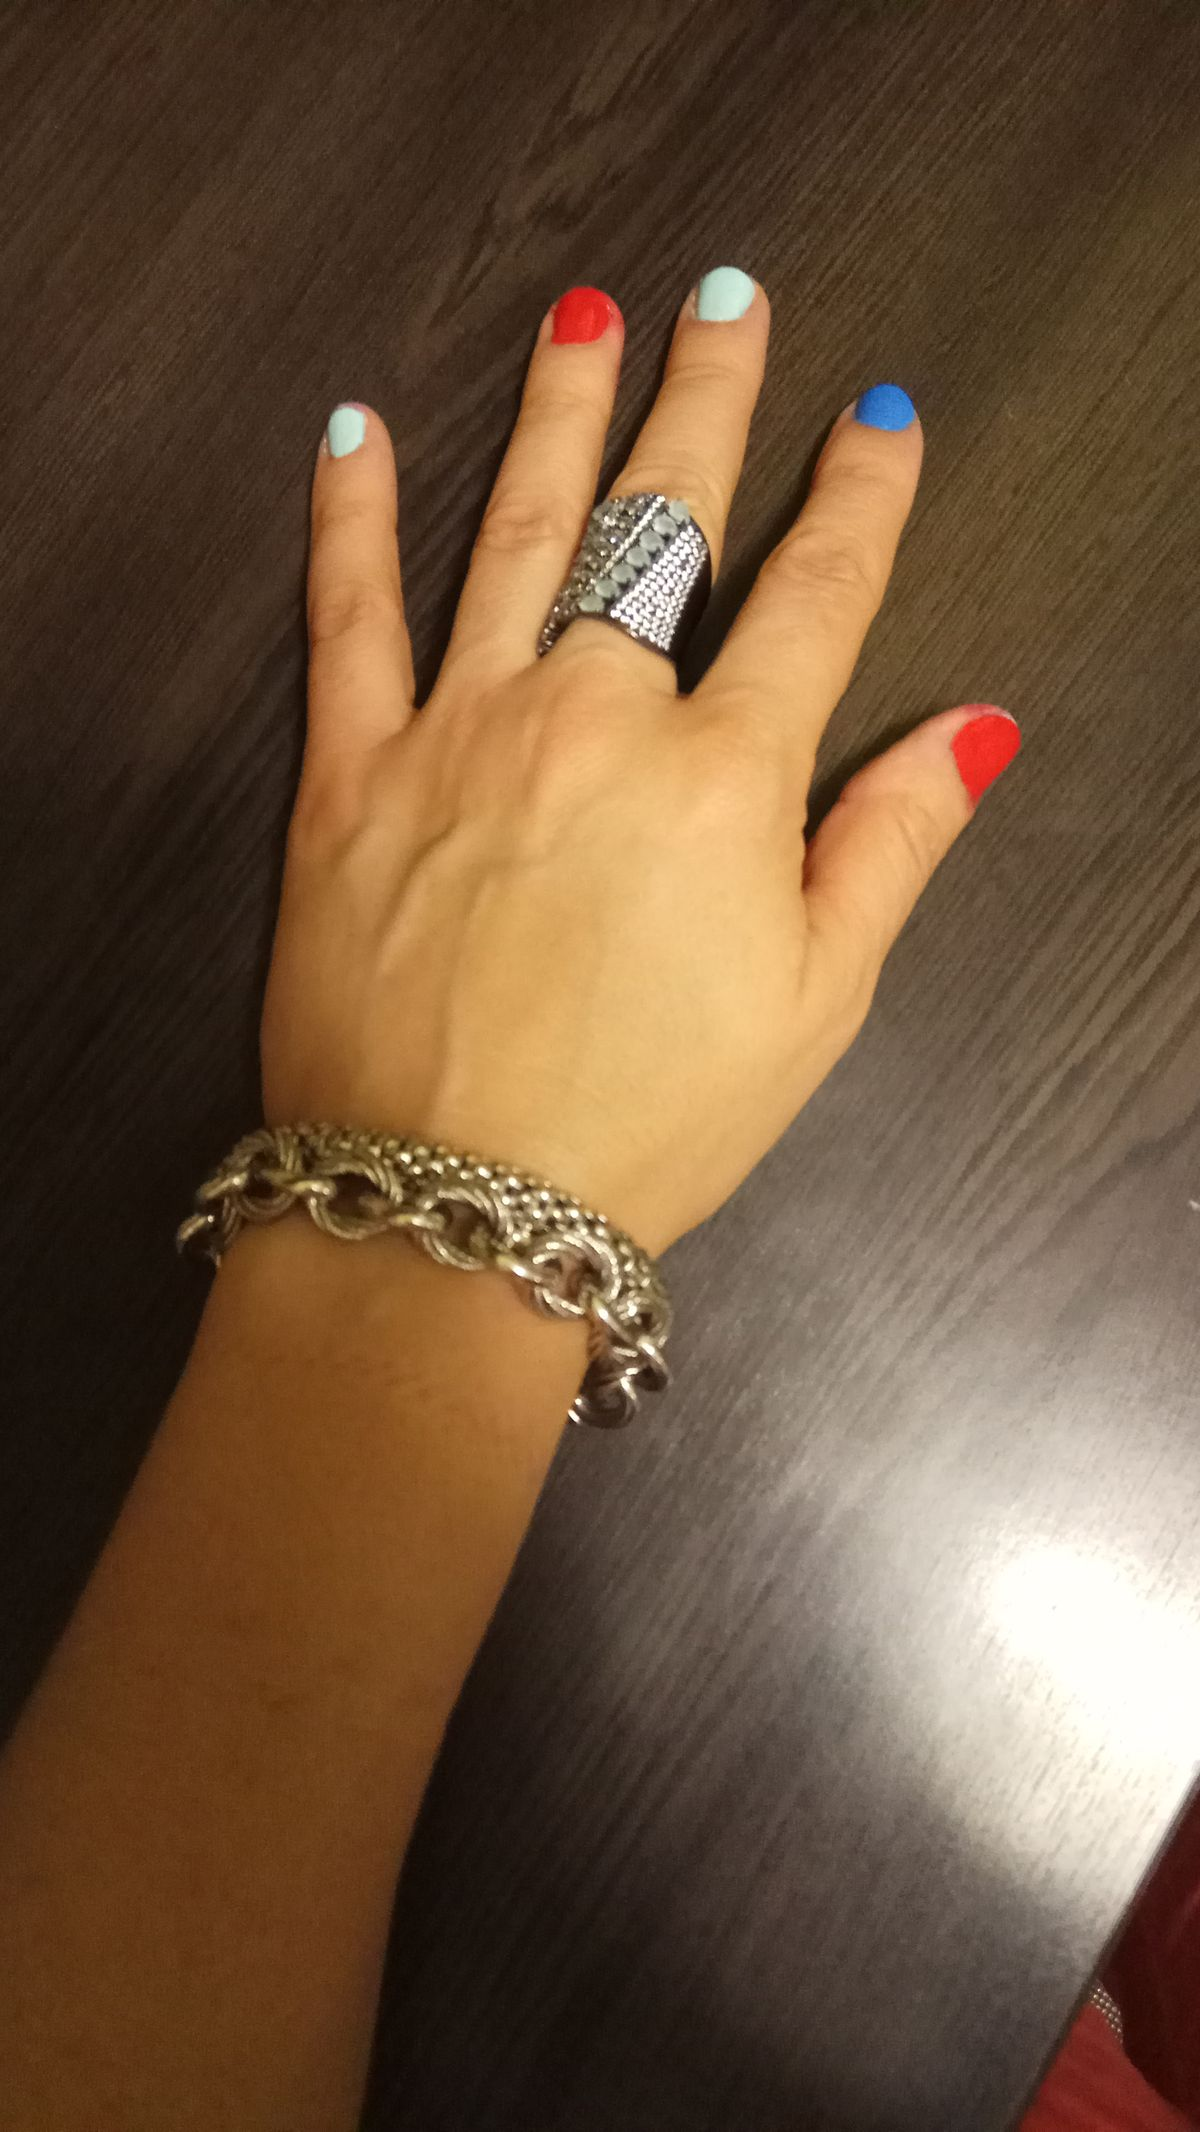 Красивое, оригинальное кольцо.